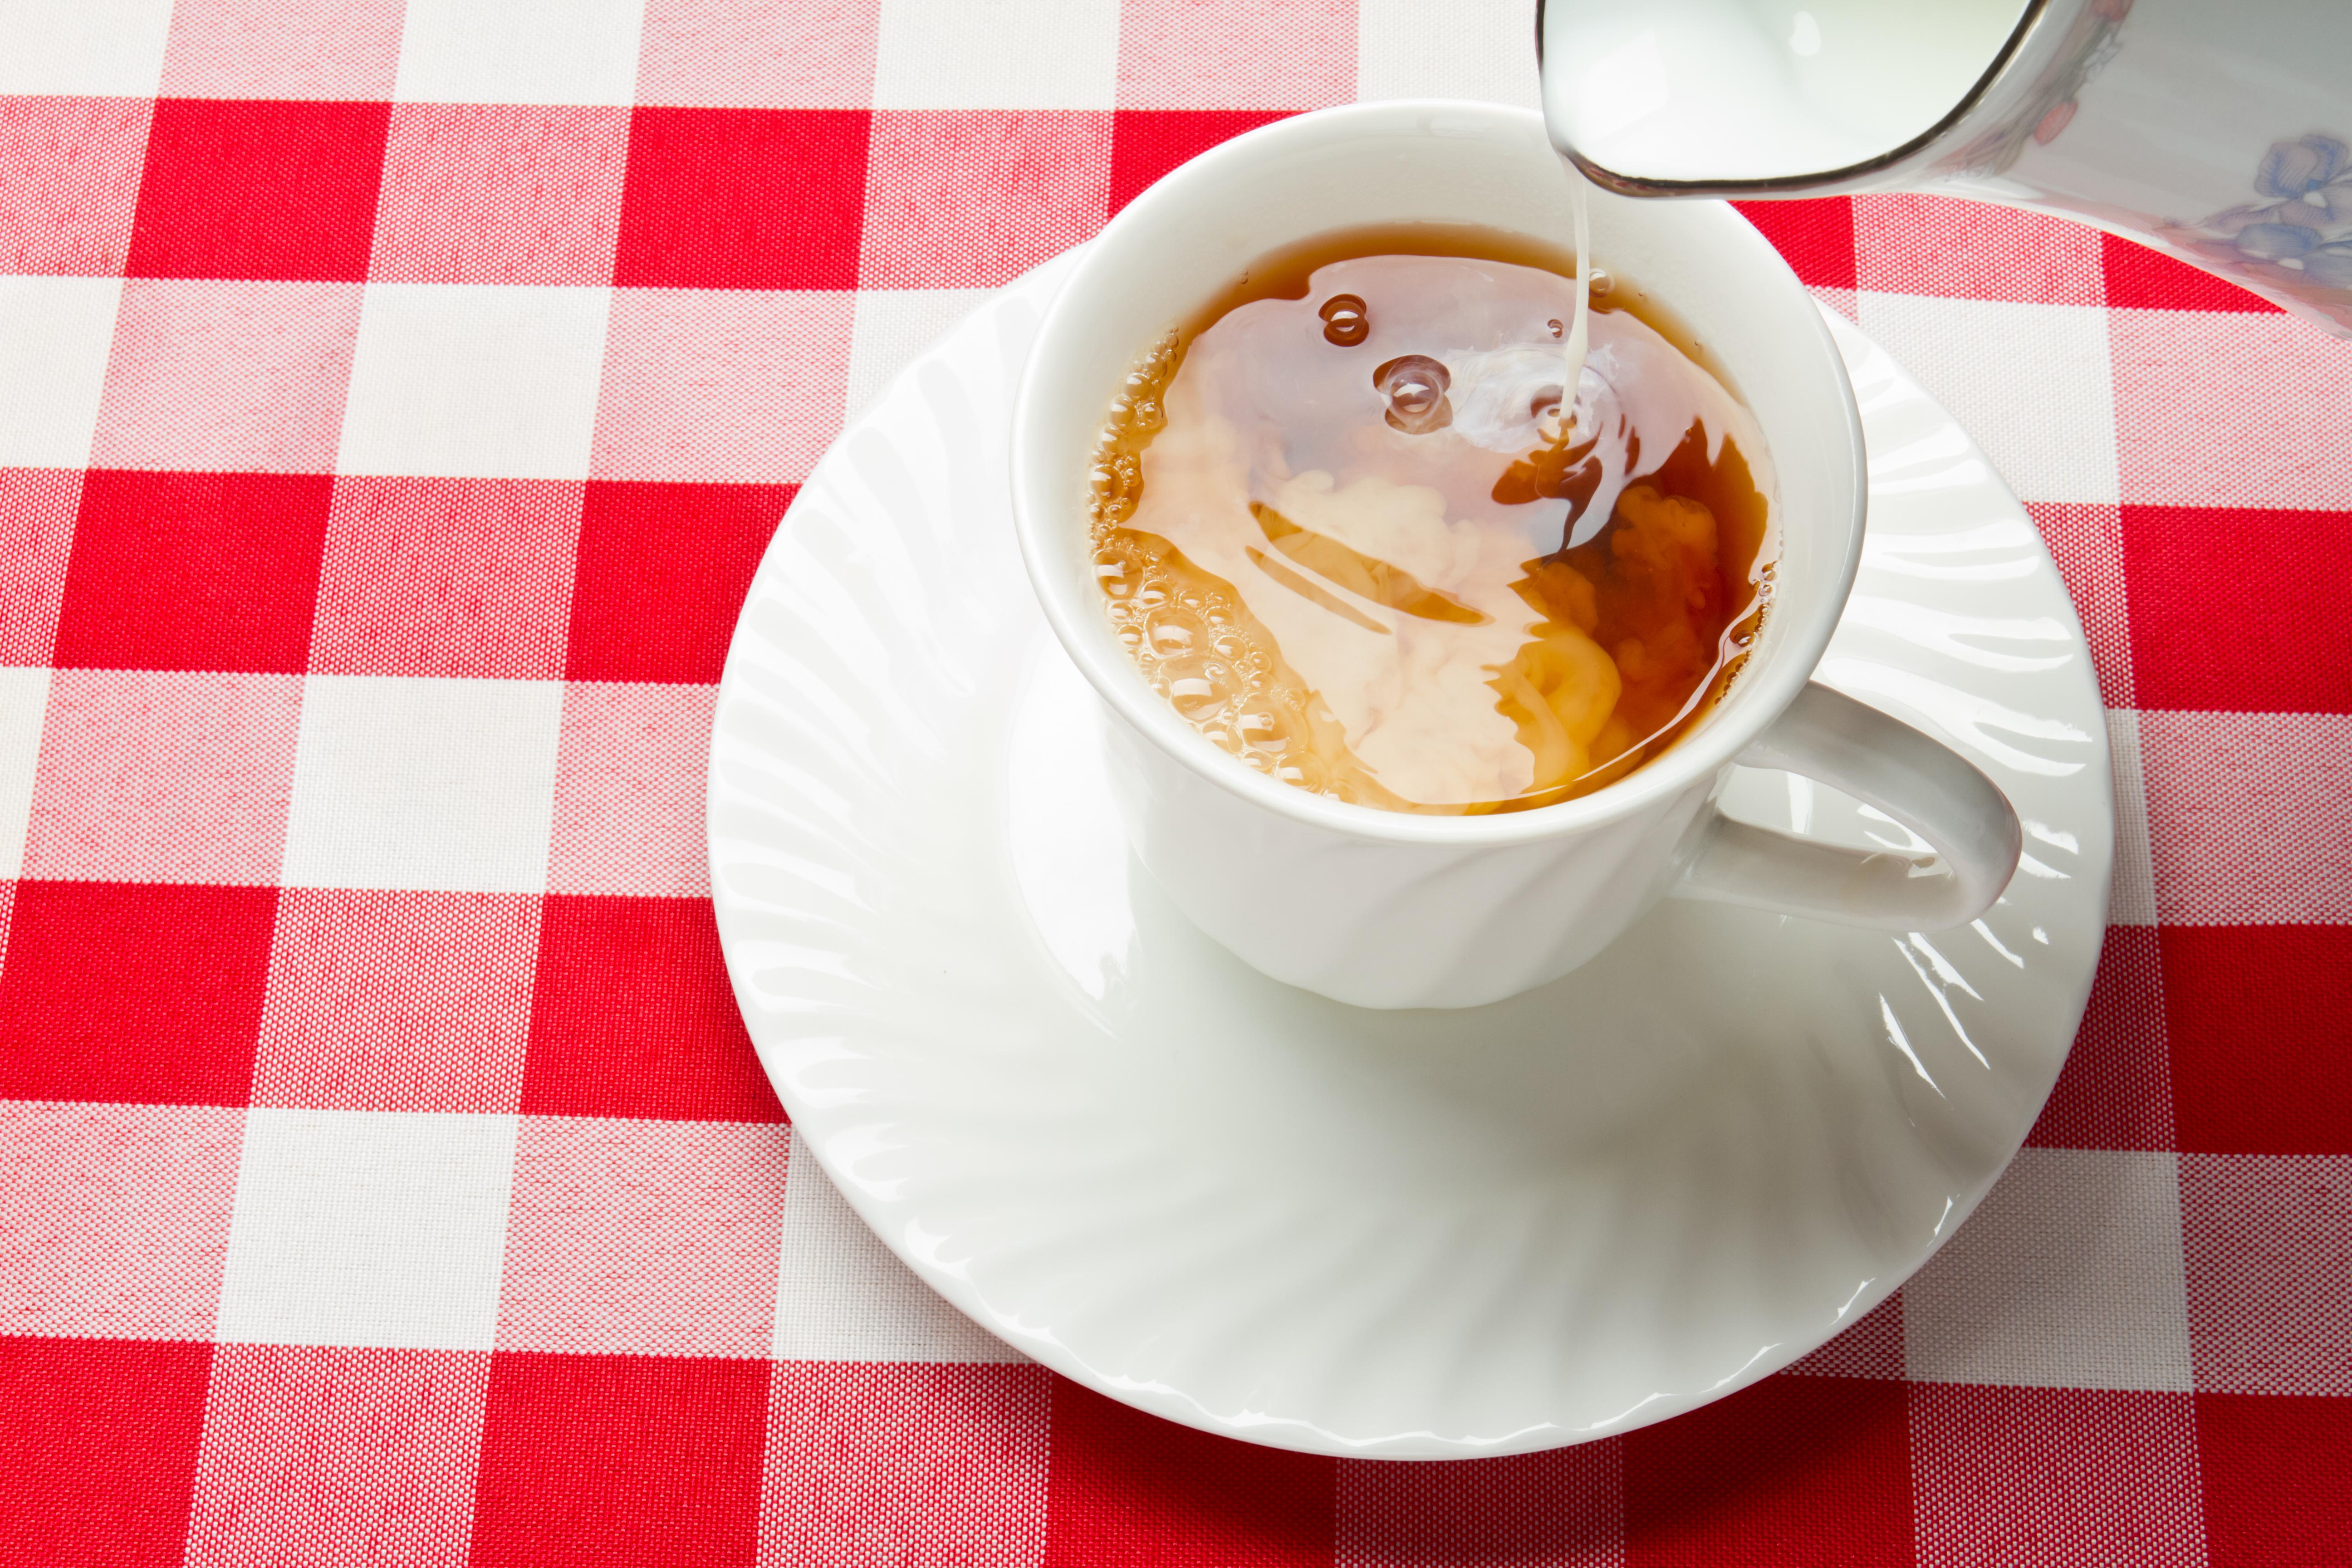 <p><strong>Чай с мляко</strong></p>  <p>Независимо от това дали пиете черен или зелен чай, и двата са много богати на антиоксиданти, които благоприятно влияят върху намаляване на възпаления с нисък интензитет. При това, зеленият чай е малко по-здравословен, защото има по-малко кофеин и повече полезни съставки. Но ако в чая добавете мляко, независимо дали става дума за краве или растително (от соя, ориз и т.н.), протеините от млякото се свързват точно с антиоксидантите и предотвратяват тяхното усвояване.</p>  <p>А що се отнася до млякото, в тази комбинация една от основните добри съставки на въпросната напитка, калция, не може да се използва, тъй като кофеинът пречи на усвояването на калция. Така че, ако искате да добавите нещо добро в чая си, вместо мляко, изцедете лимон.</p>